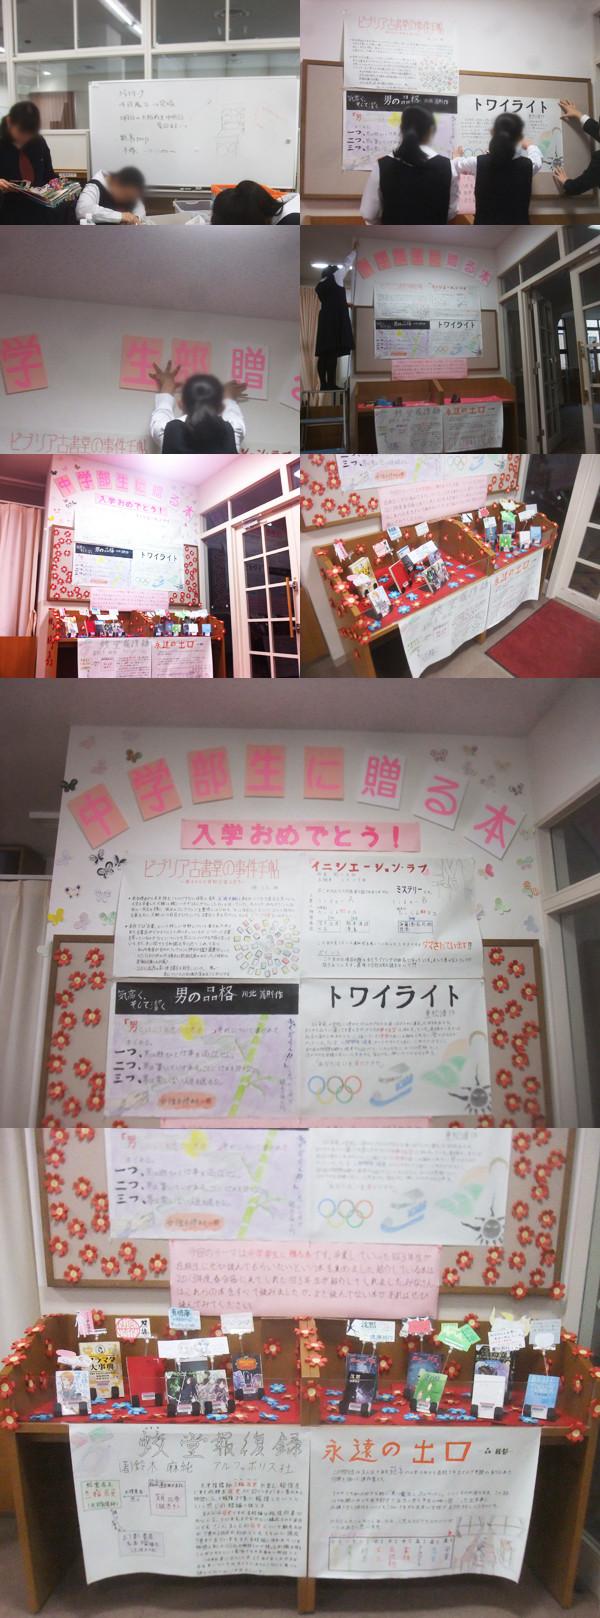 f:id:toshobu:20140327214758j:image